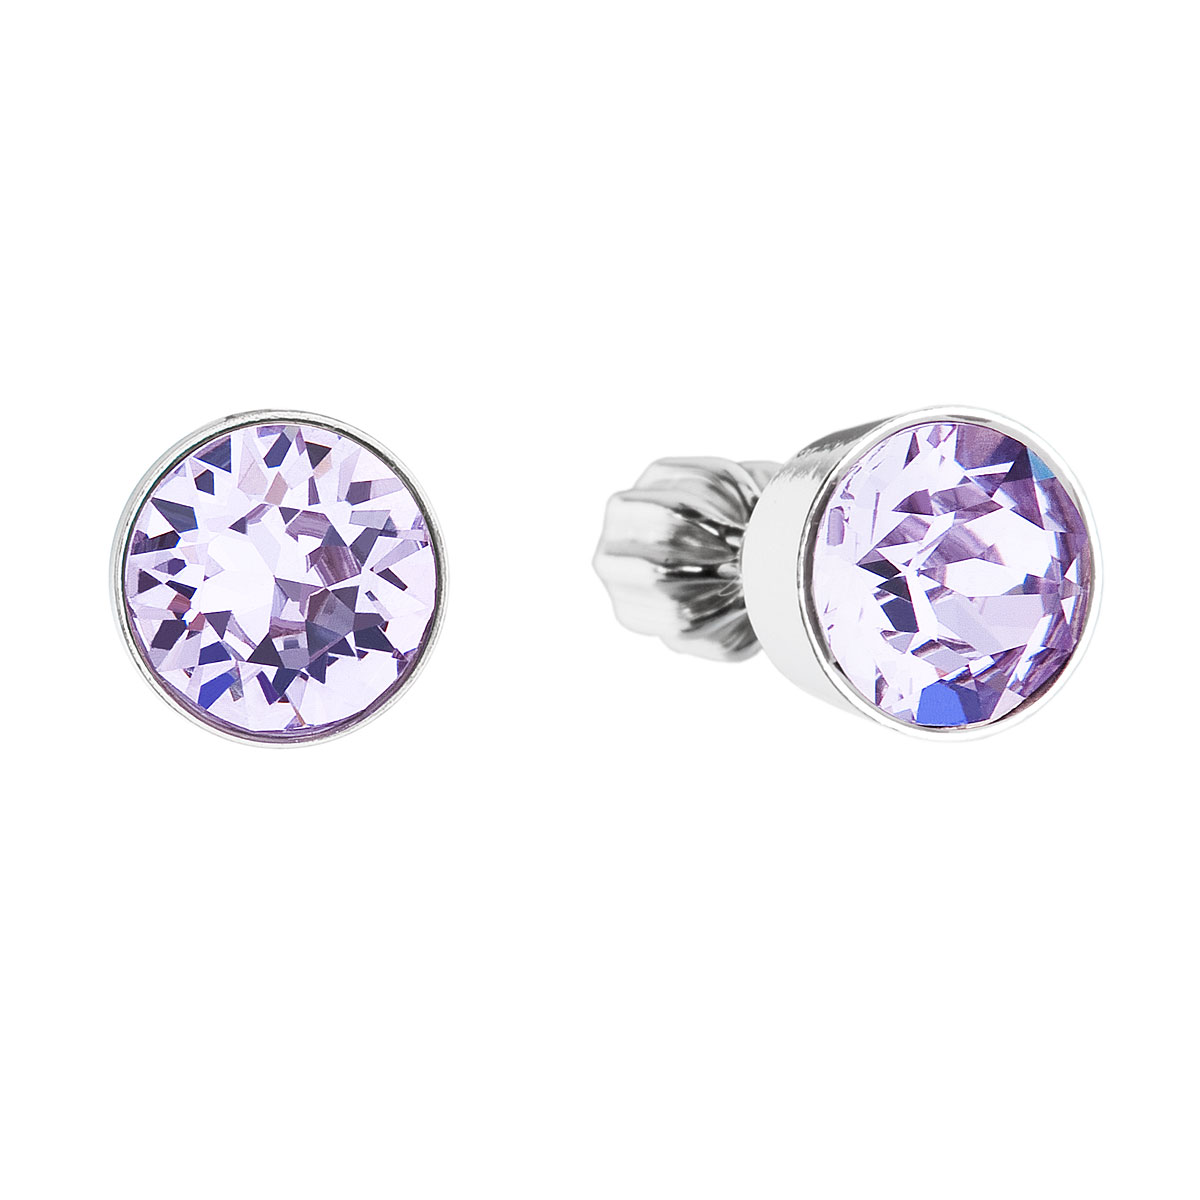 Stříbrné náušnice pecka s krystaly fialové kulaté 31113.3 violet